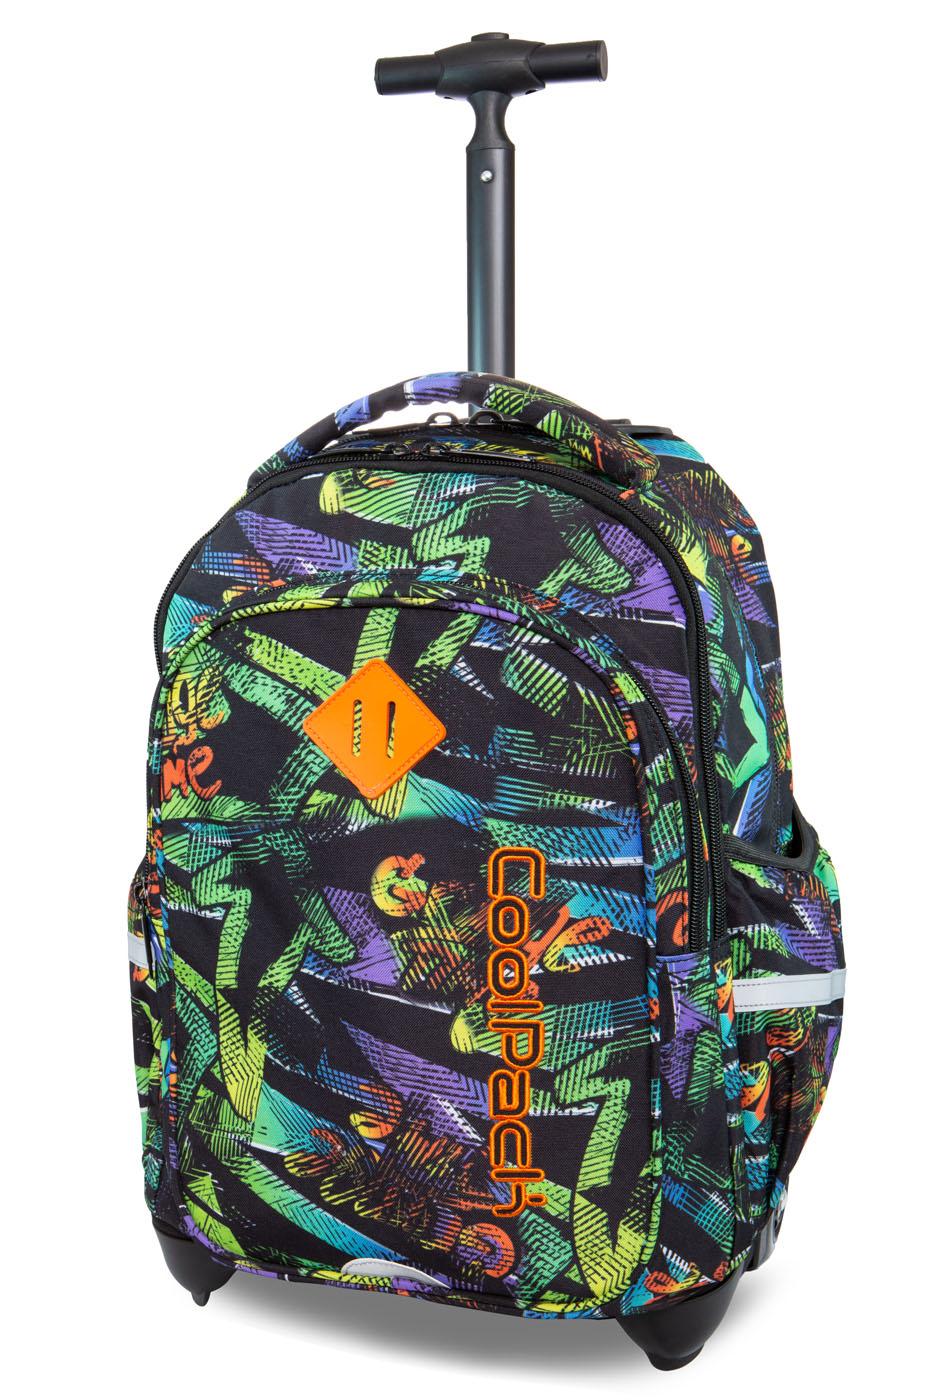 Coolpack   junior  rygsæk med hjul   grunge time